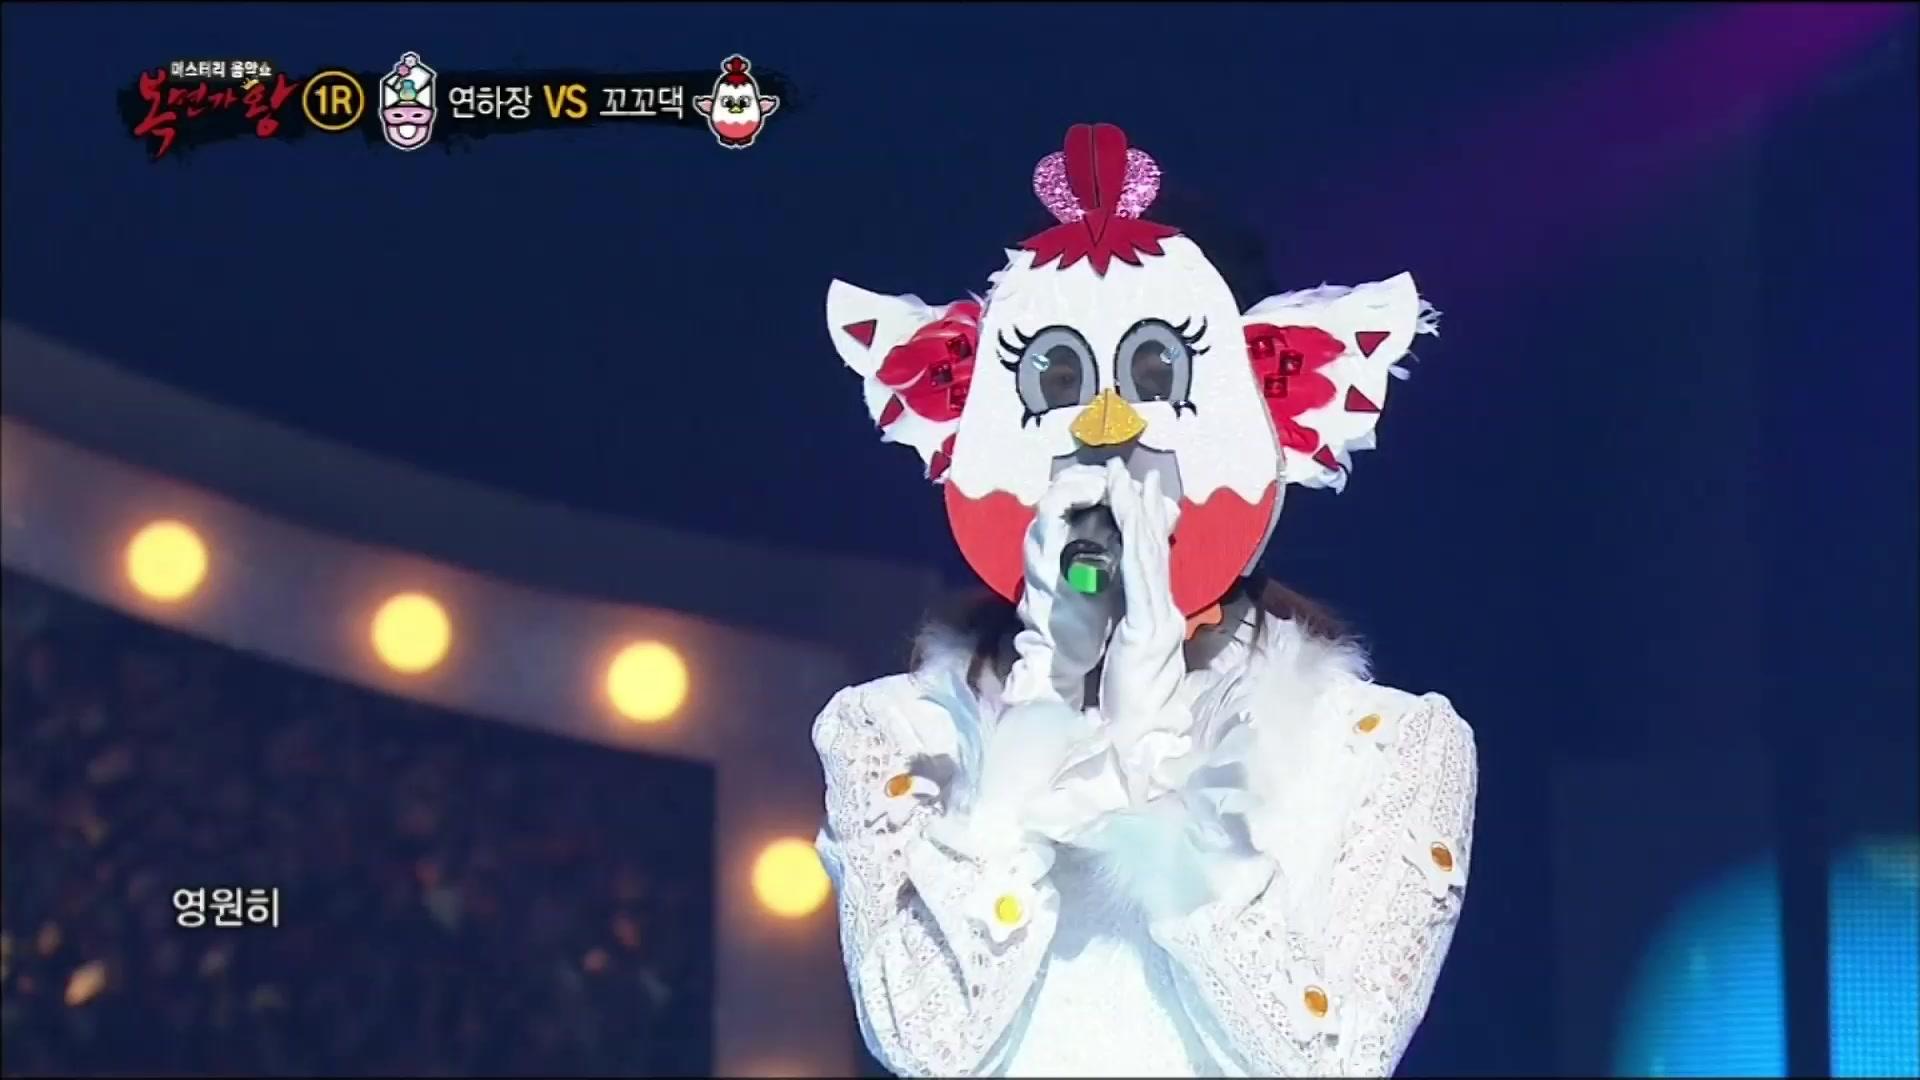 King of Masked Singer Episode 95